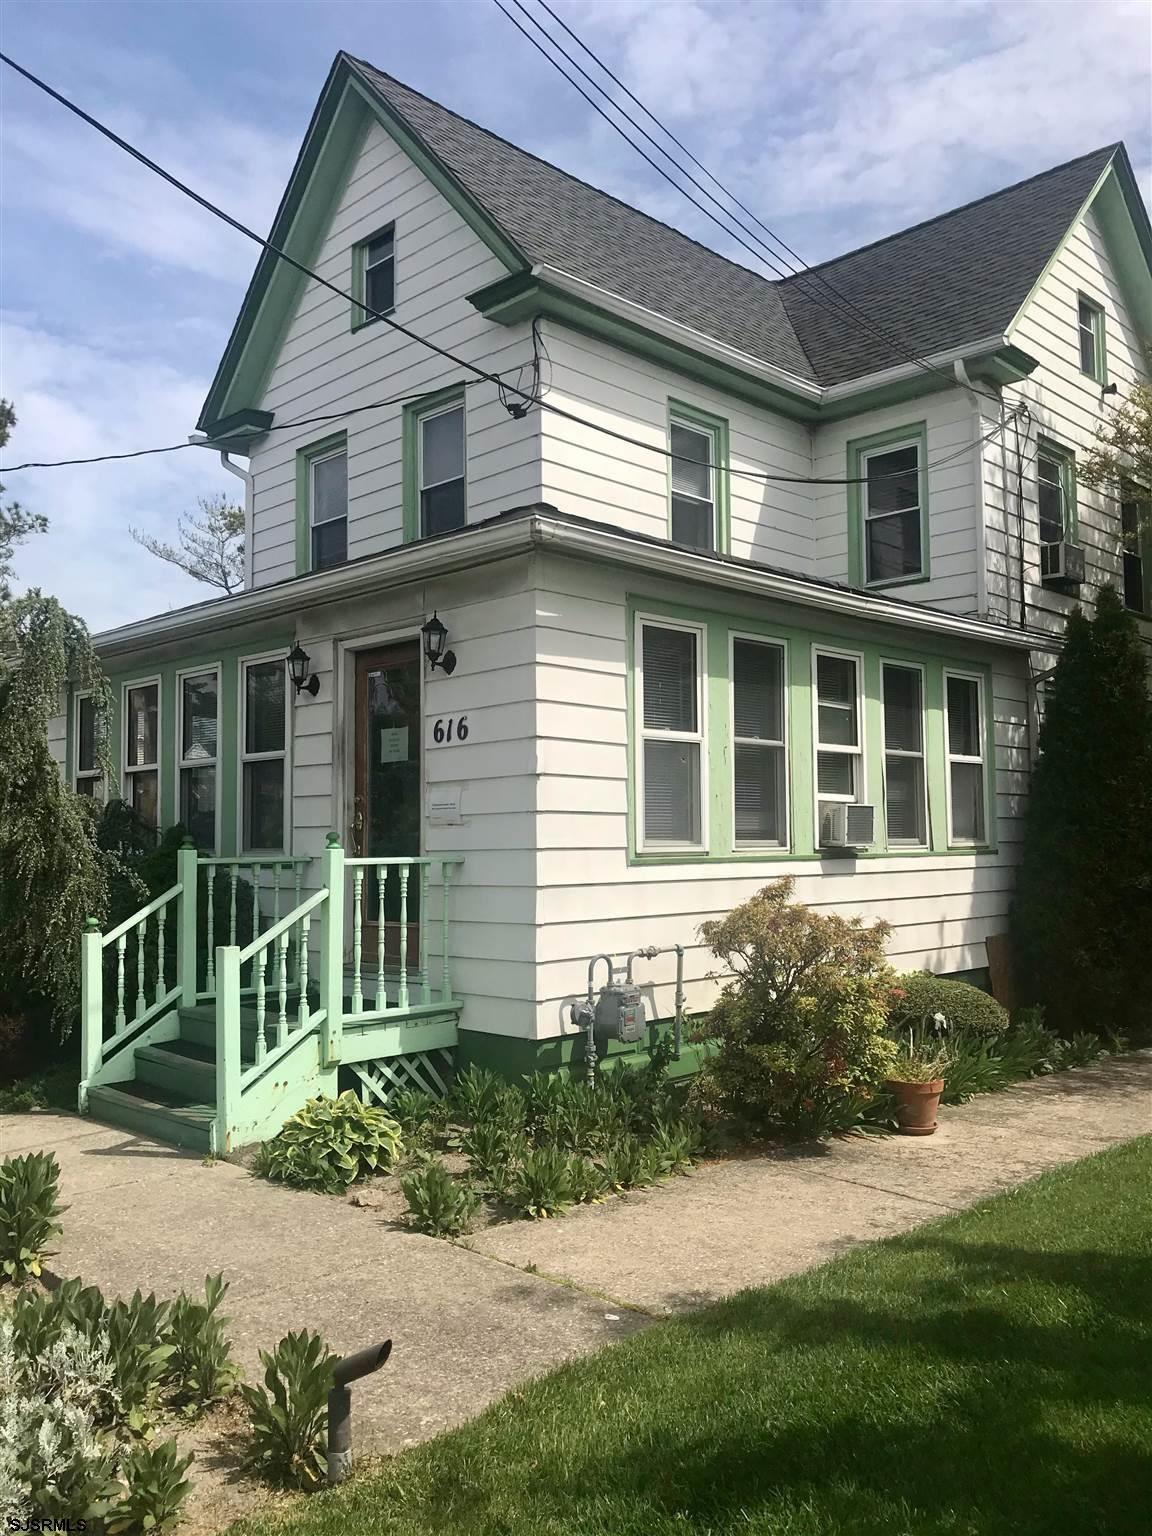 616 W Ocean Heights Ave, Linwood, NJ 08221-1016 - #: 550613